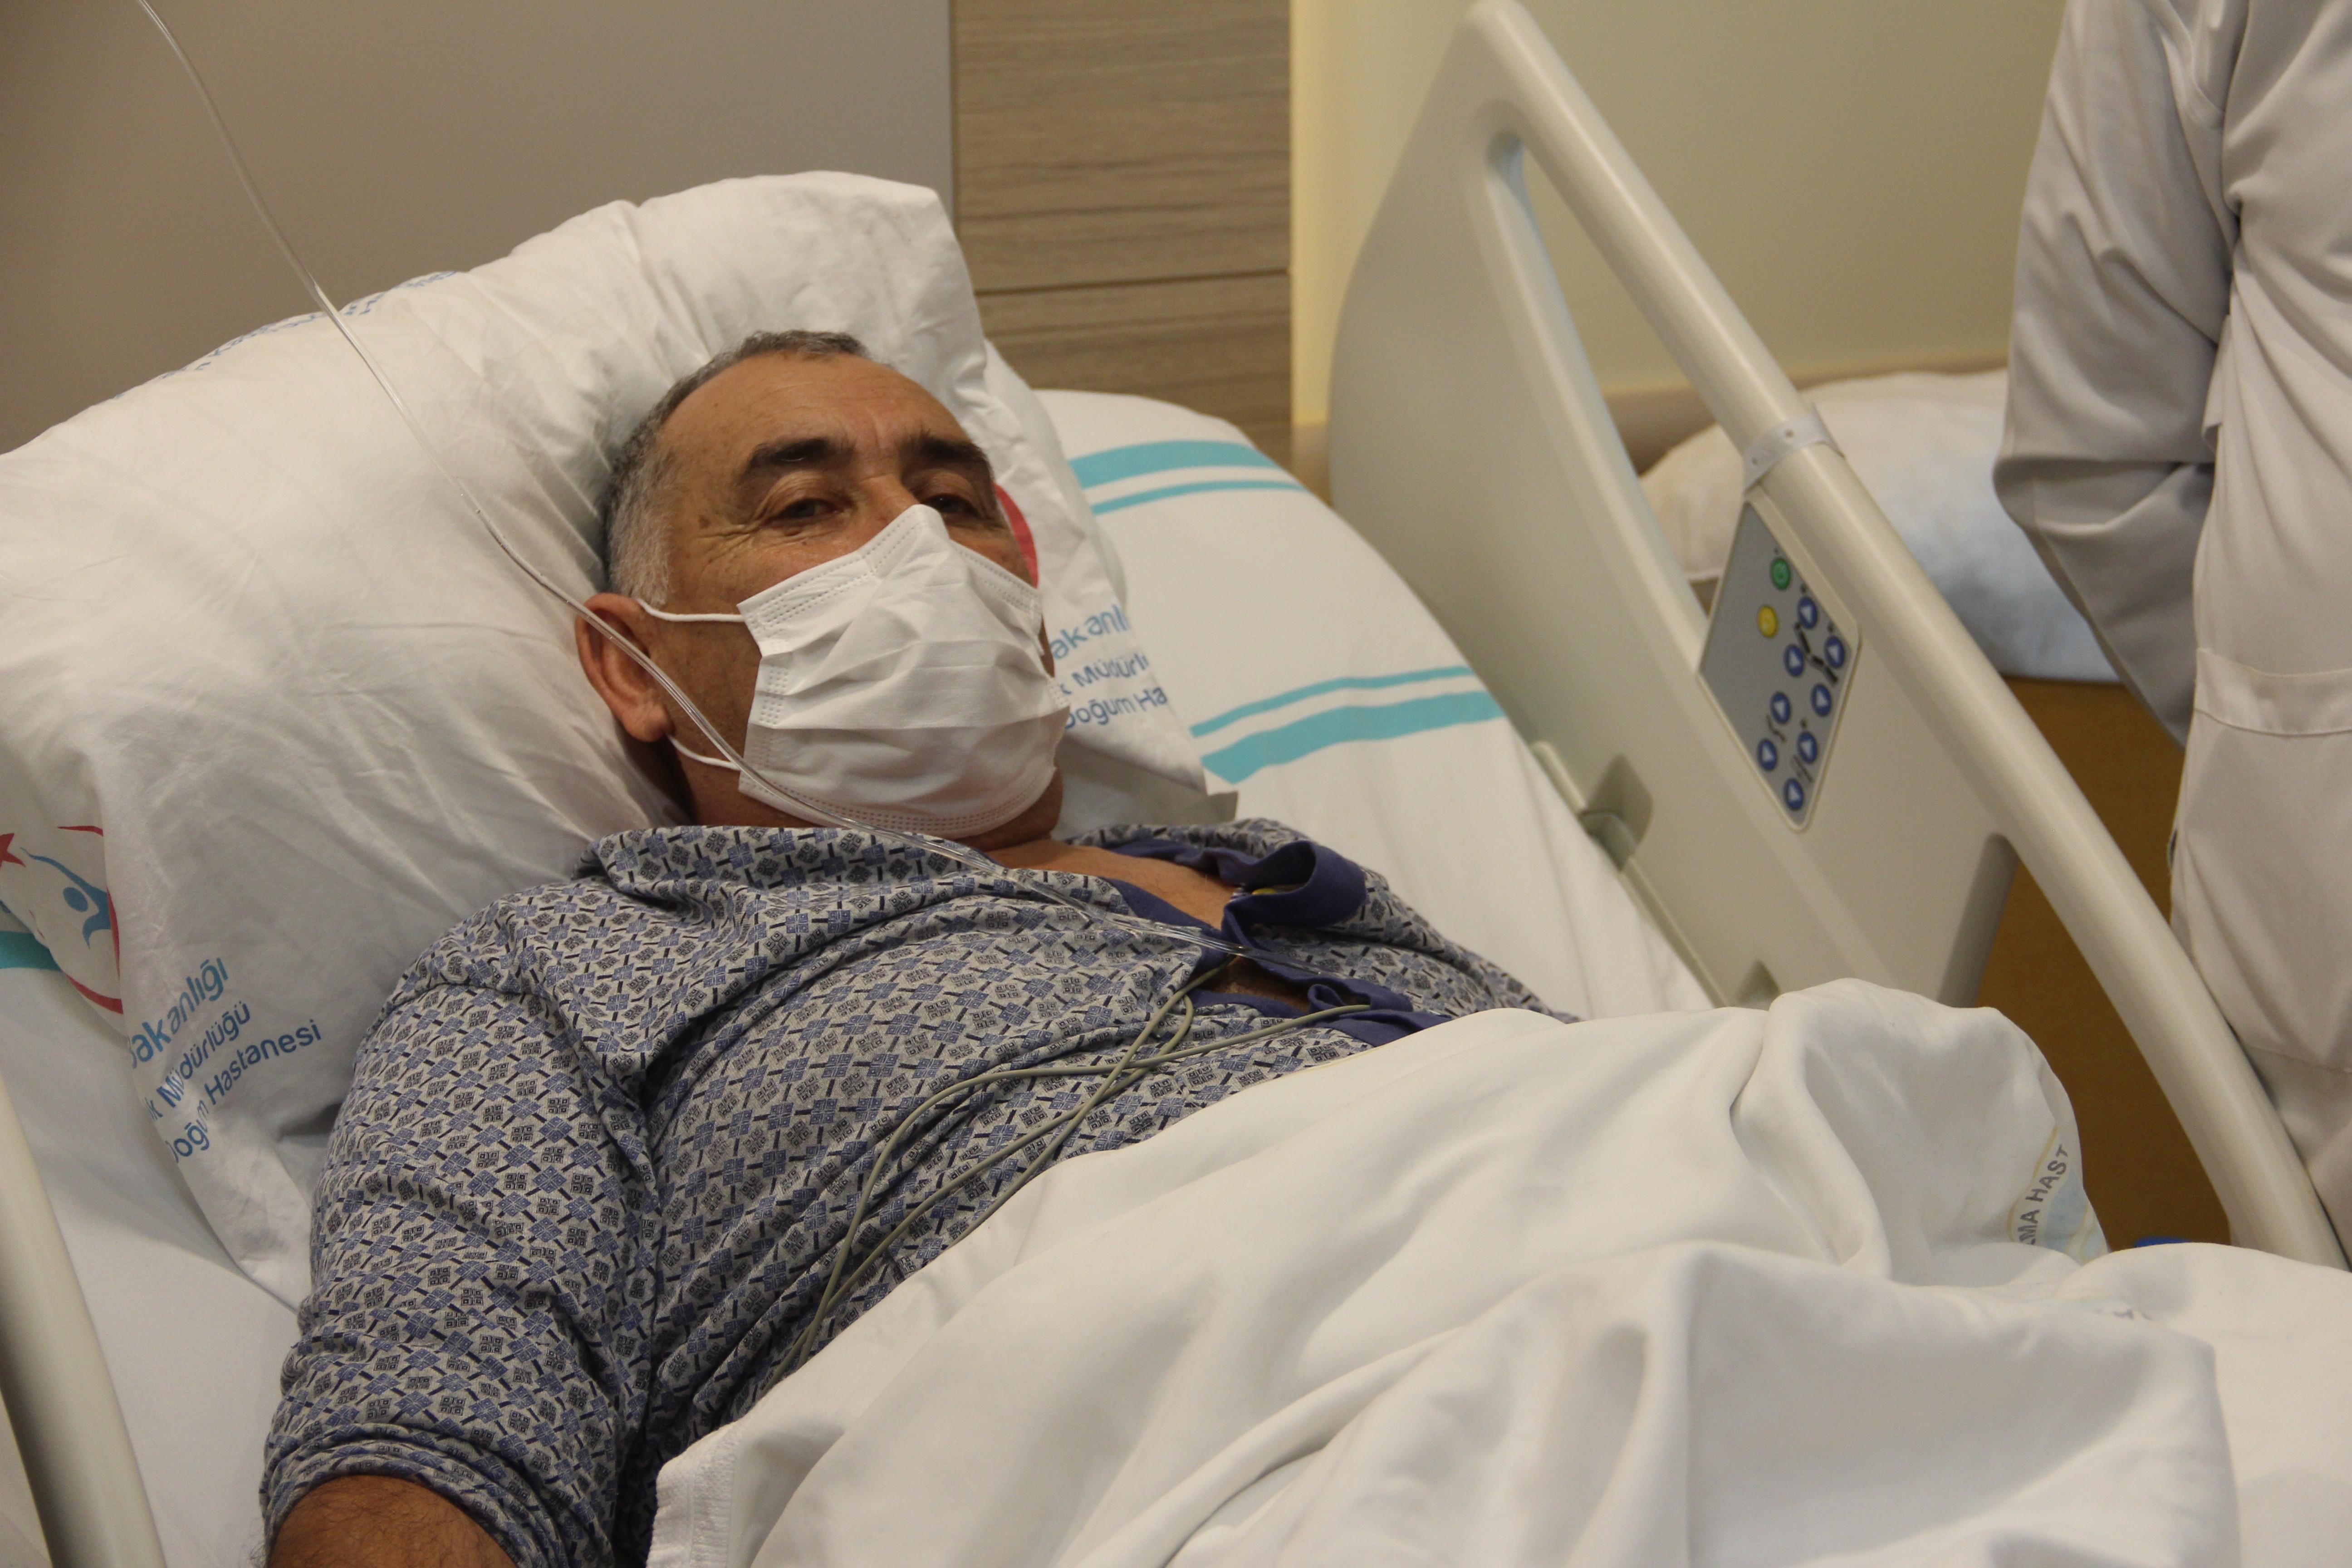 Erzurum'da pandemi sürecinde ilk defa yurt dışından gelen bir hasta ameliyat edildi